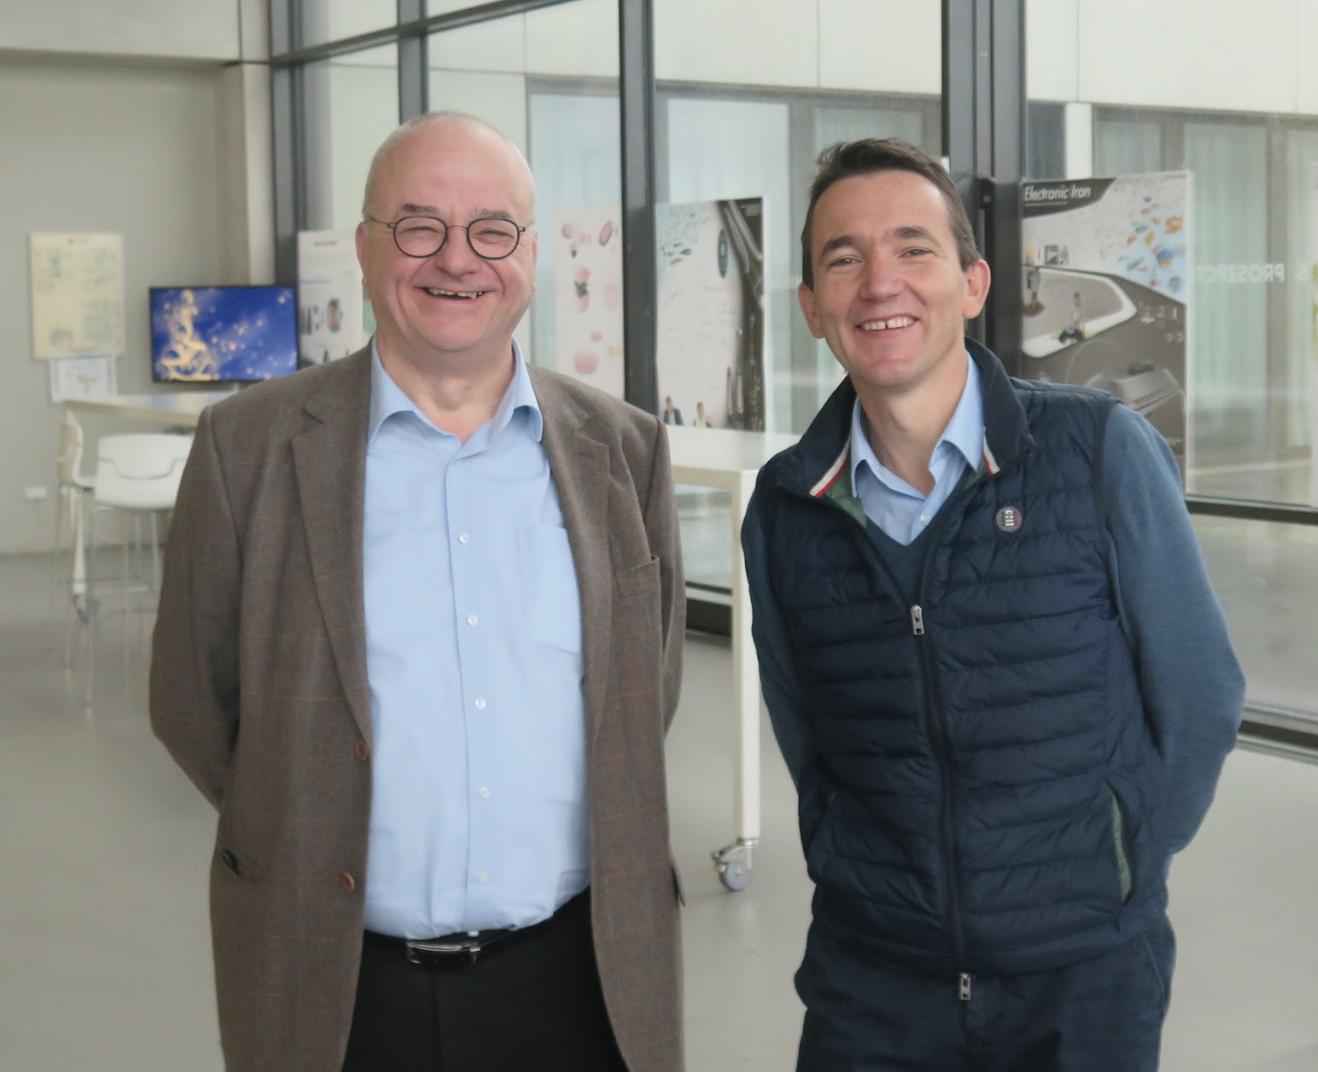 Bruno Fontaine, président de la CCI Grand Hainaut et de Rubika, et Stéphane André, directeur du groupement